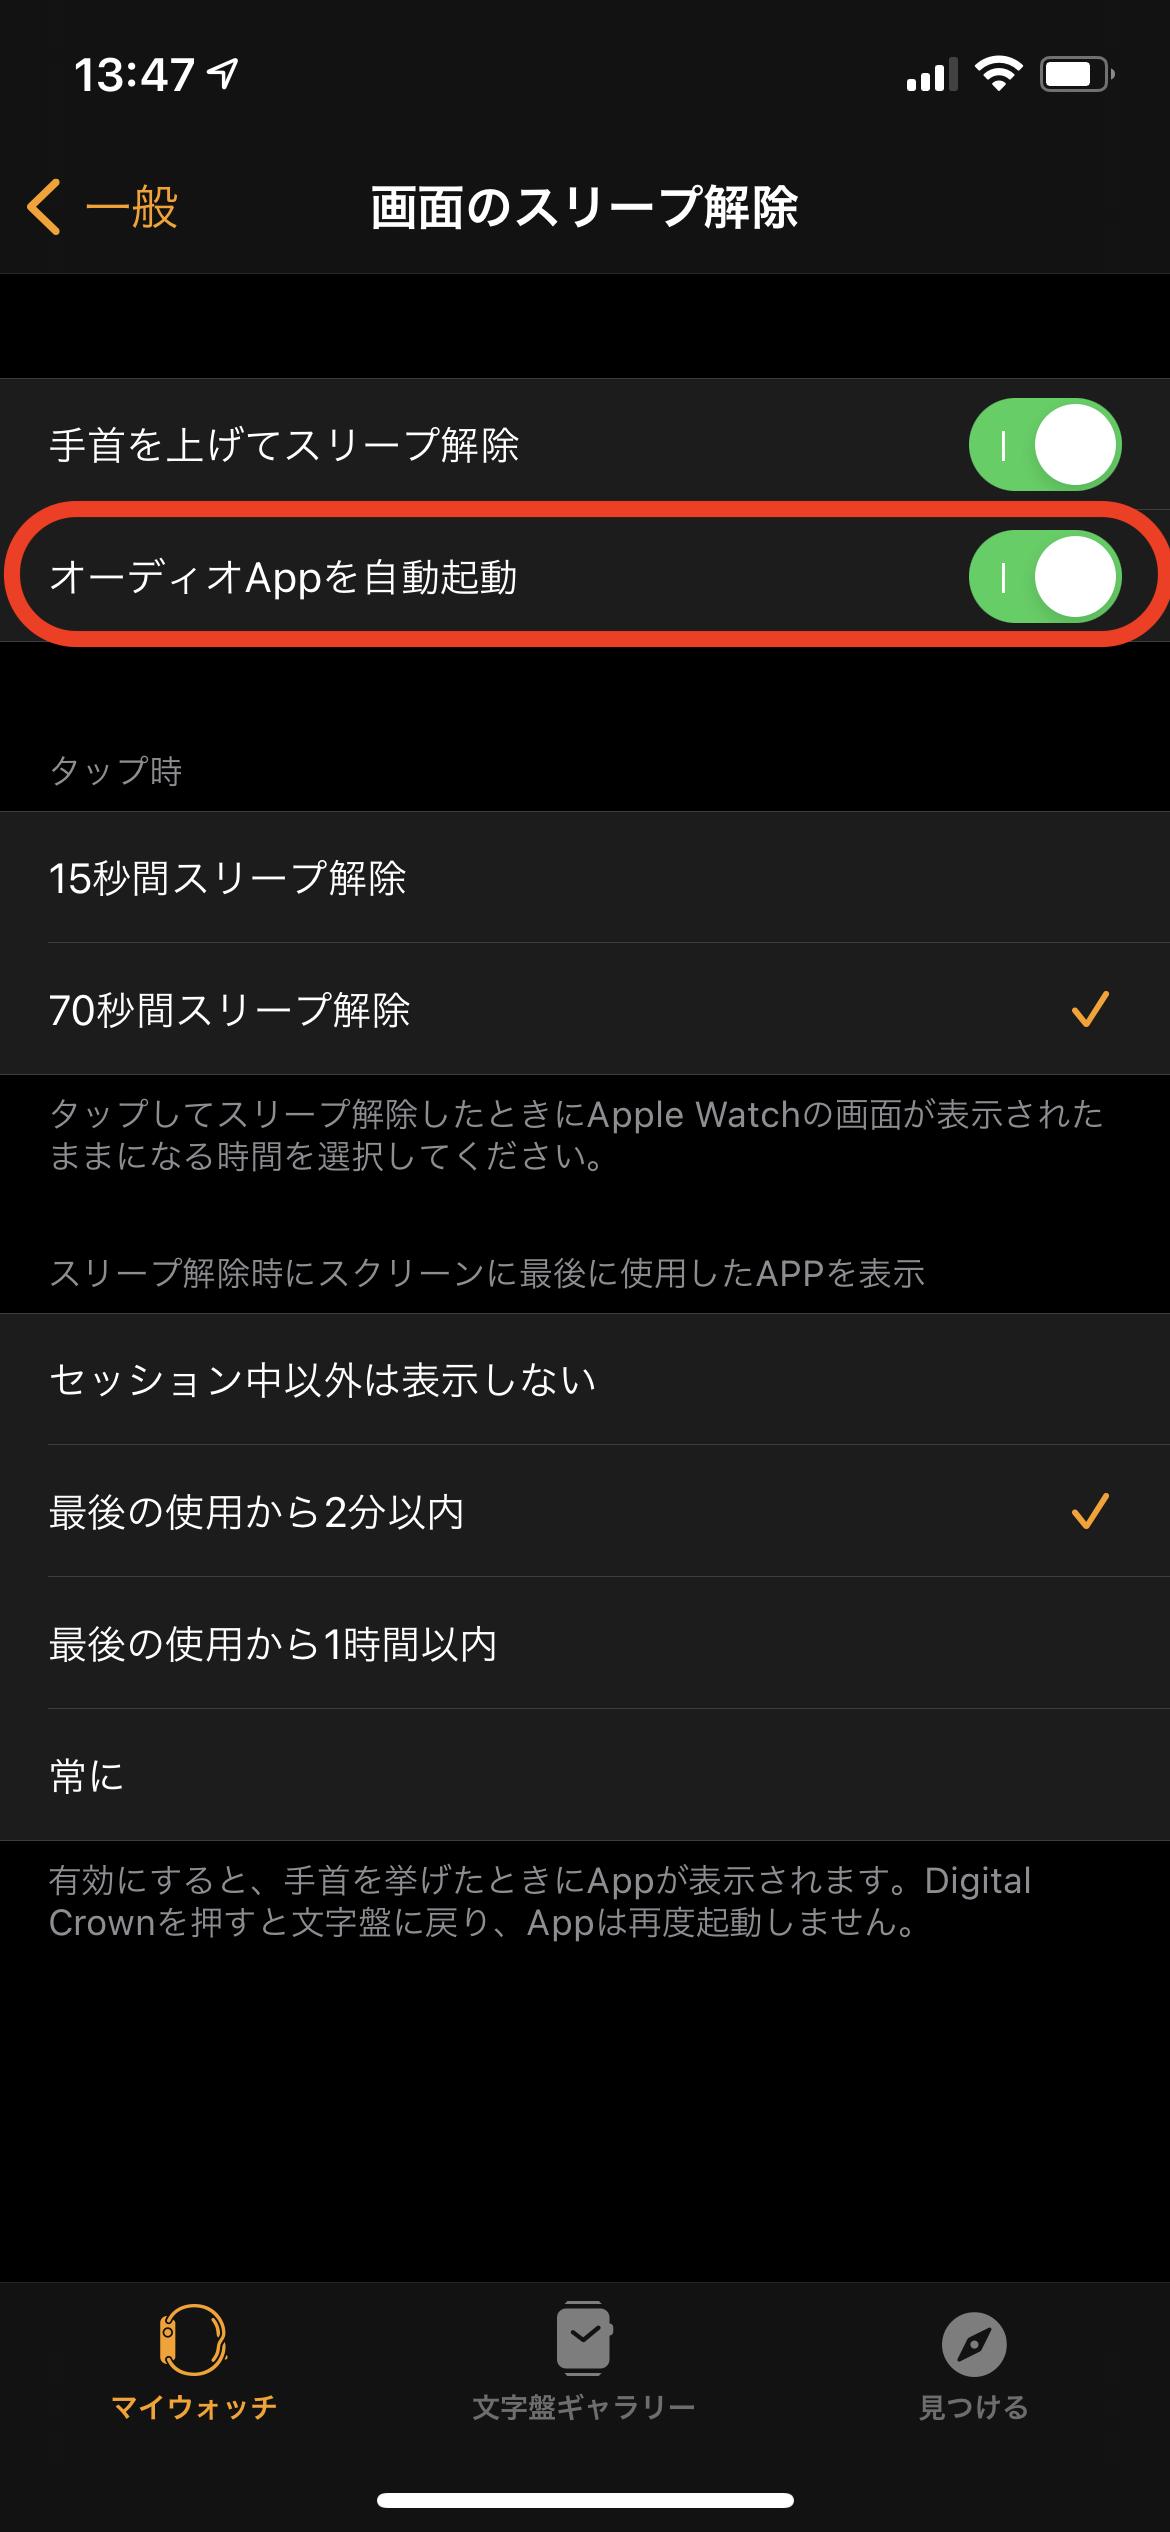 オーディオAppを自動起動ON